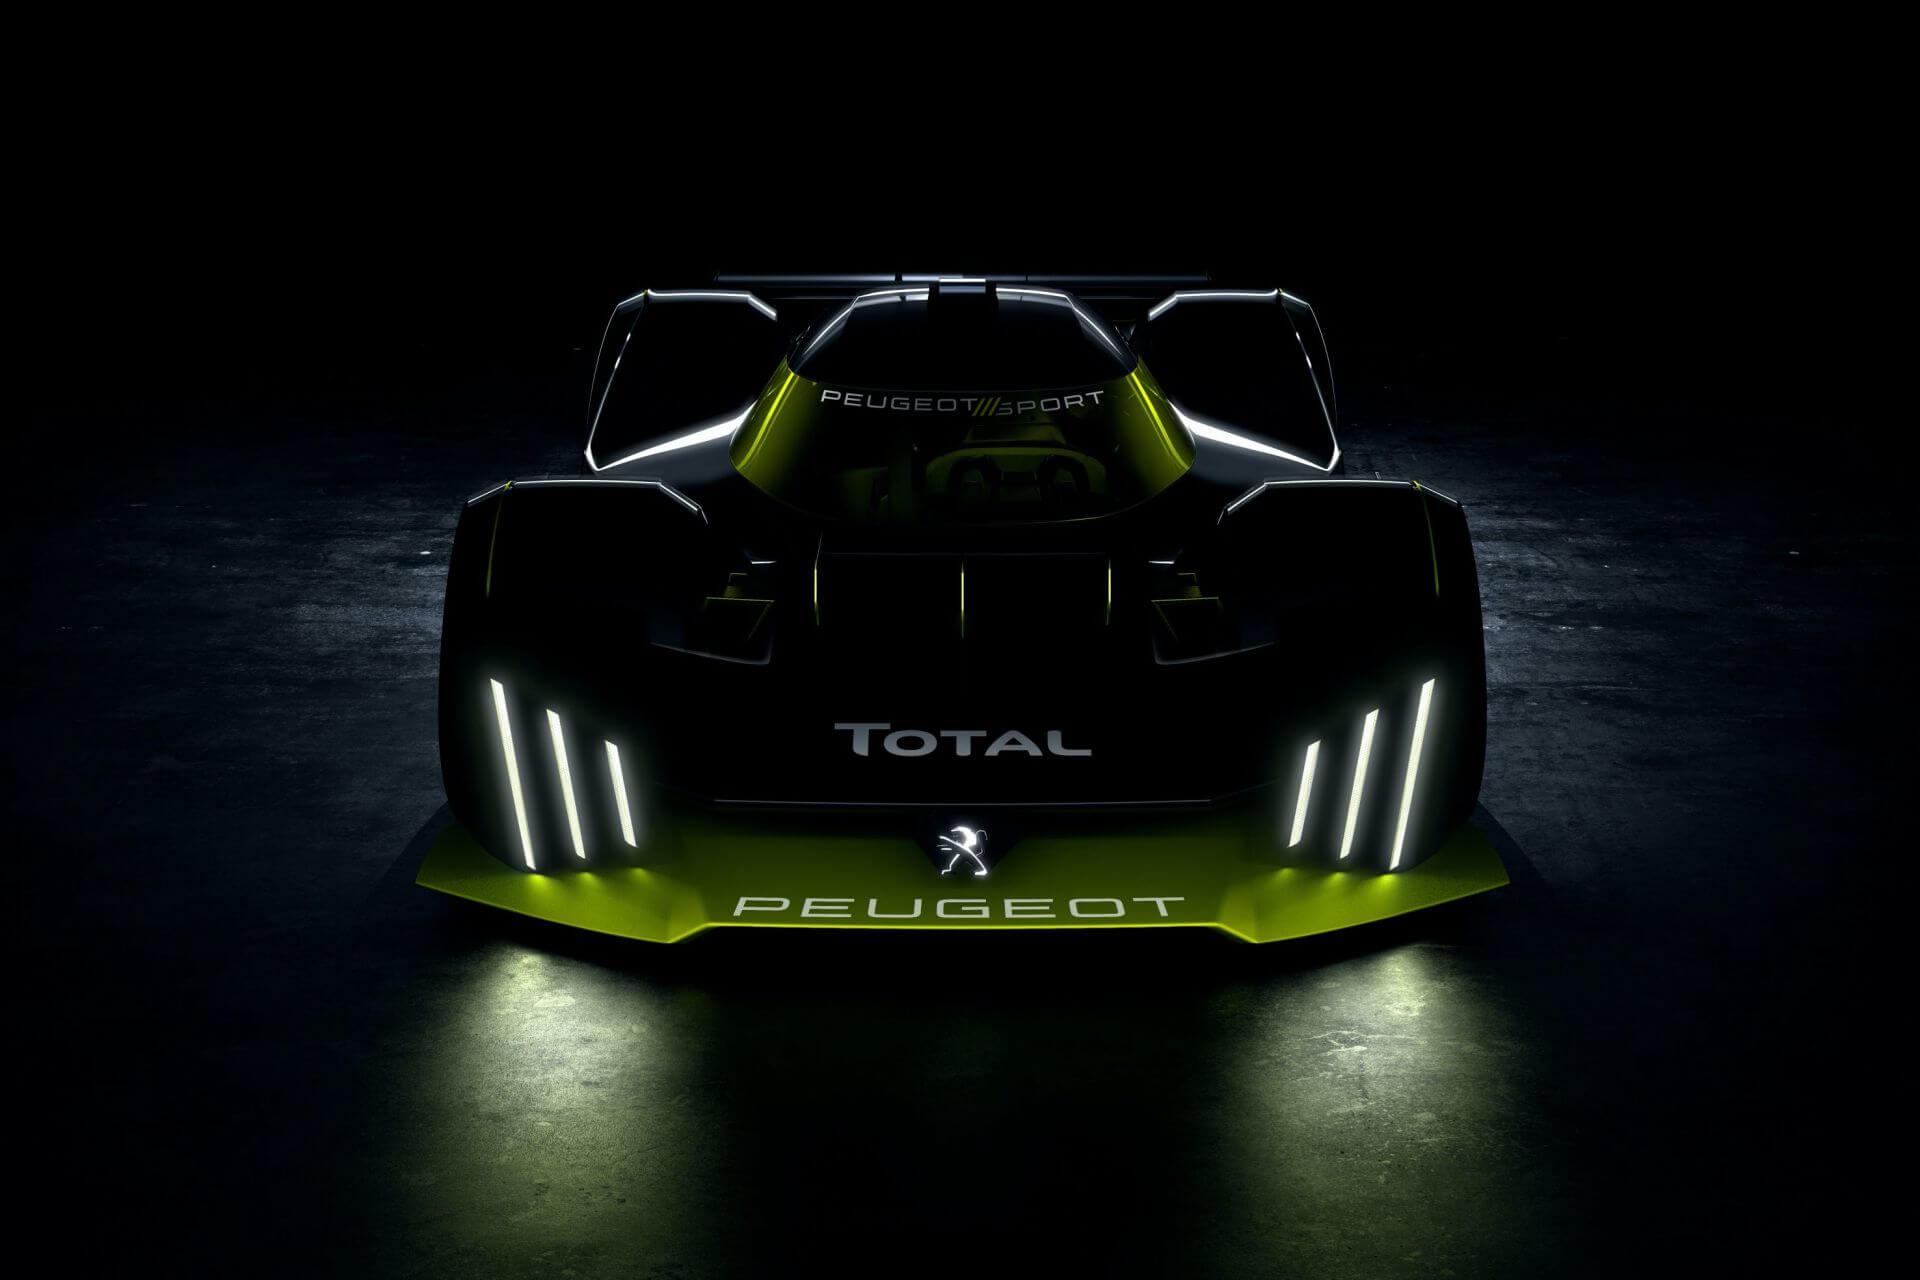 Peugeot Total Le Mans